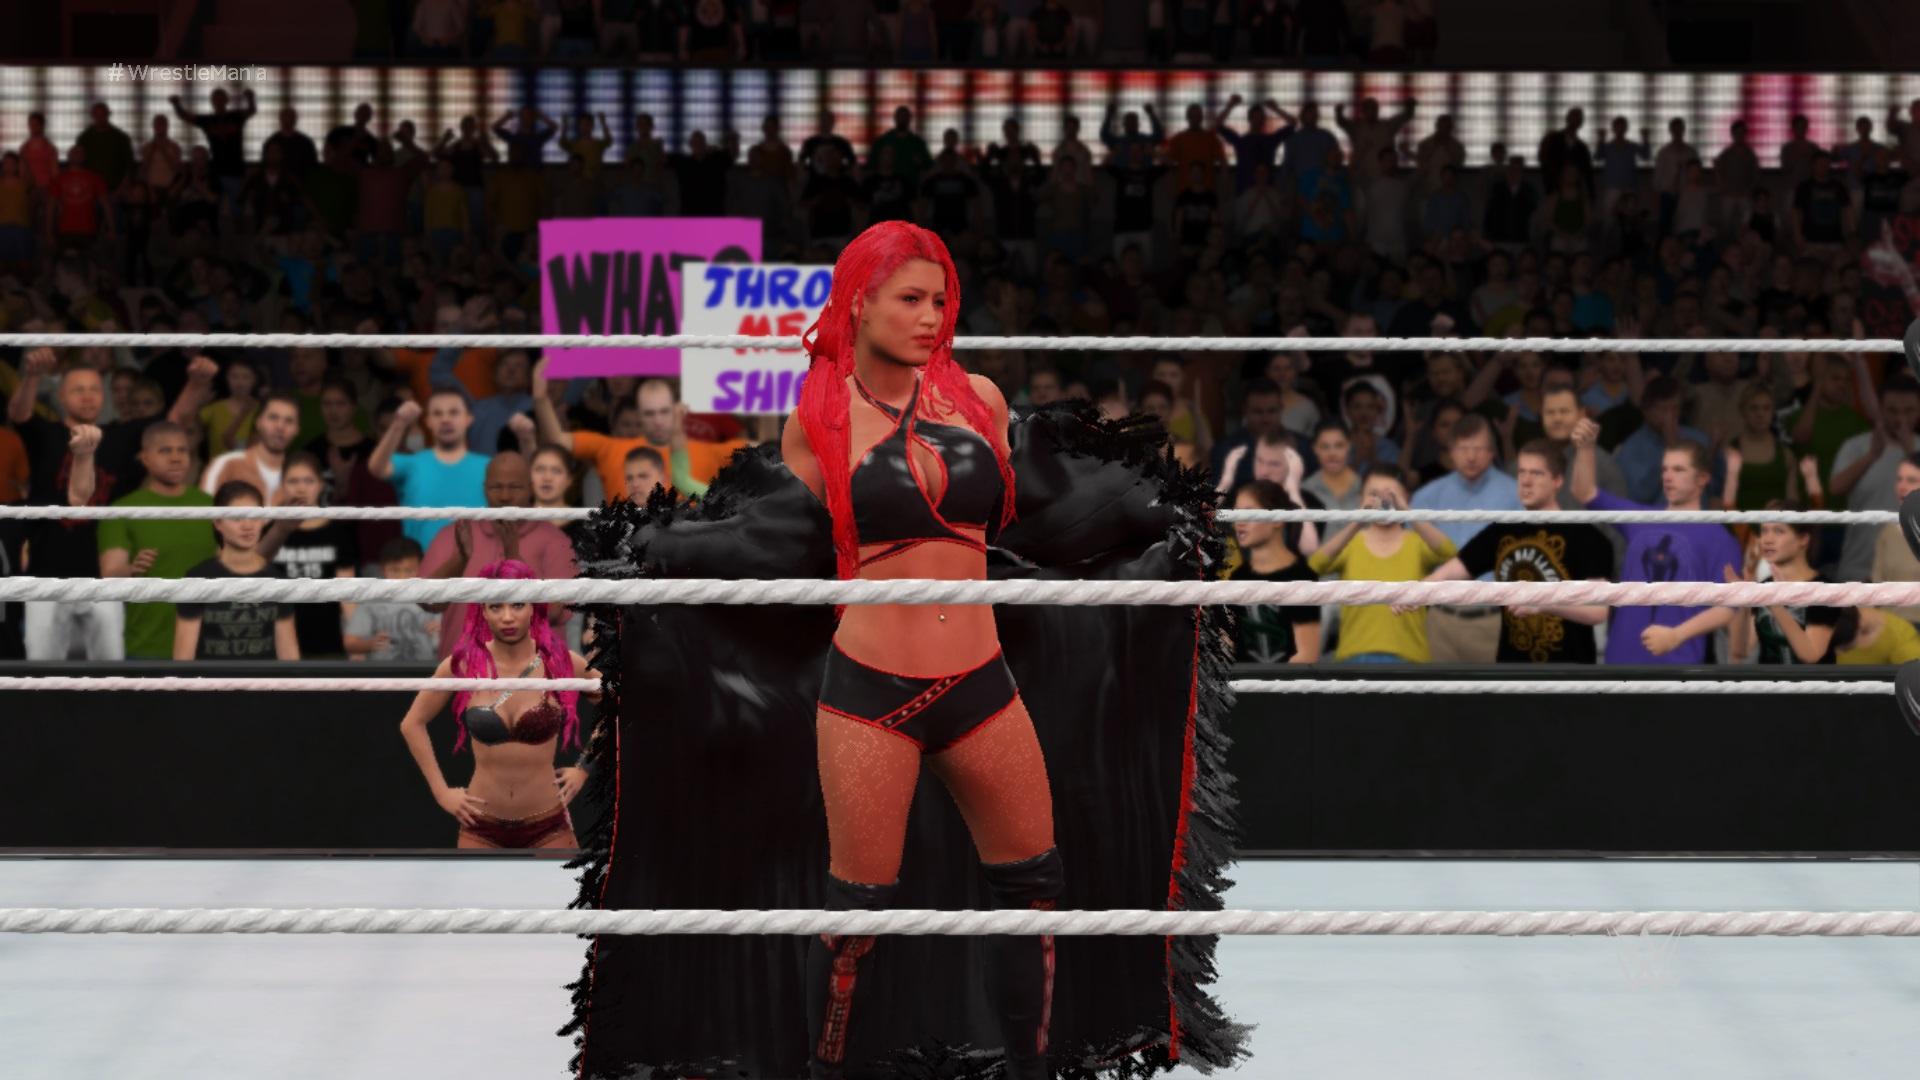 Eva Marie je nekim čudom i dalje tu, Sasha doesnt approve